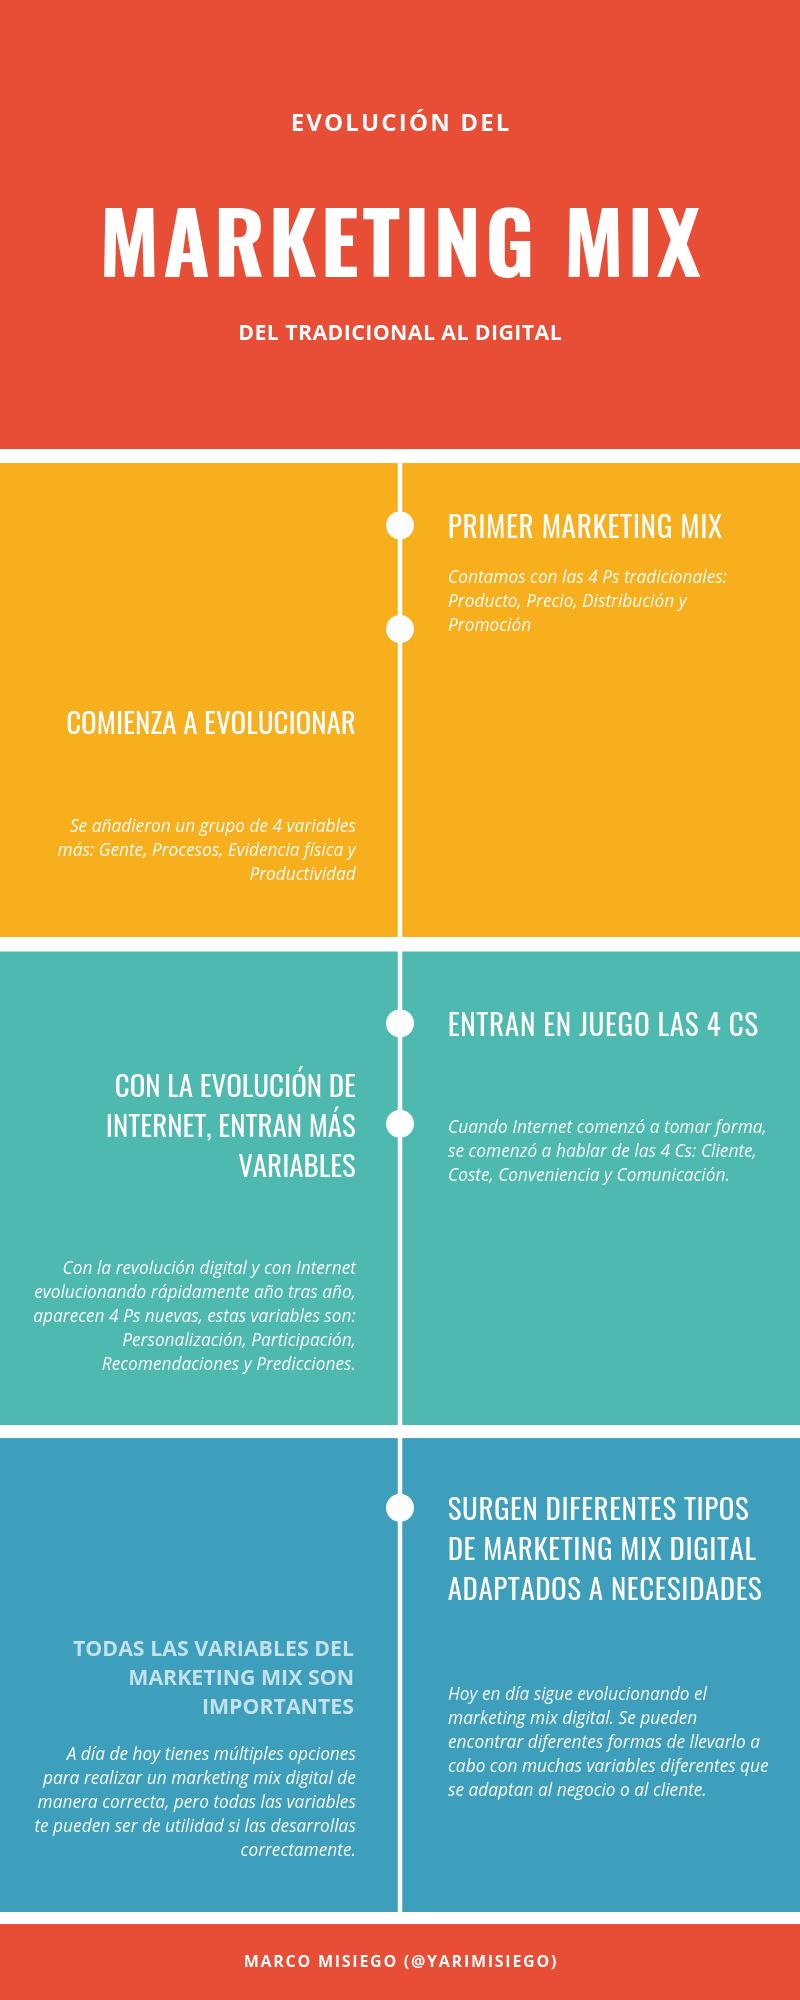 La evolución del Marketing Mix